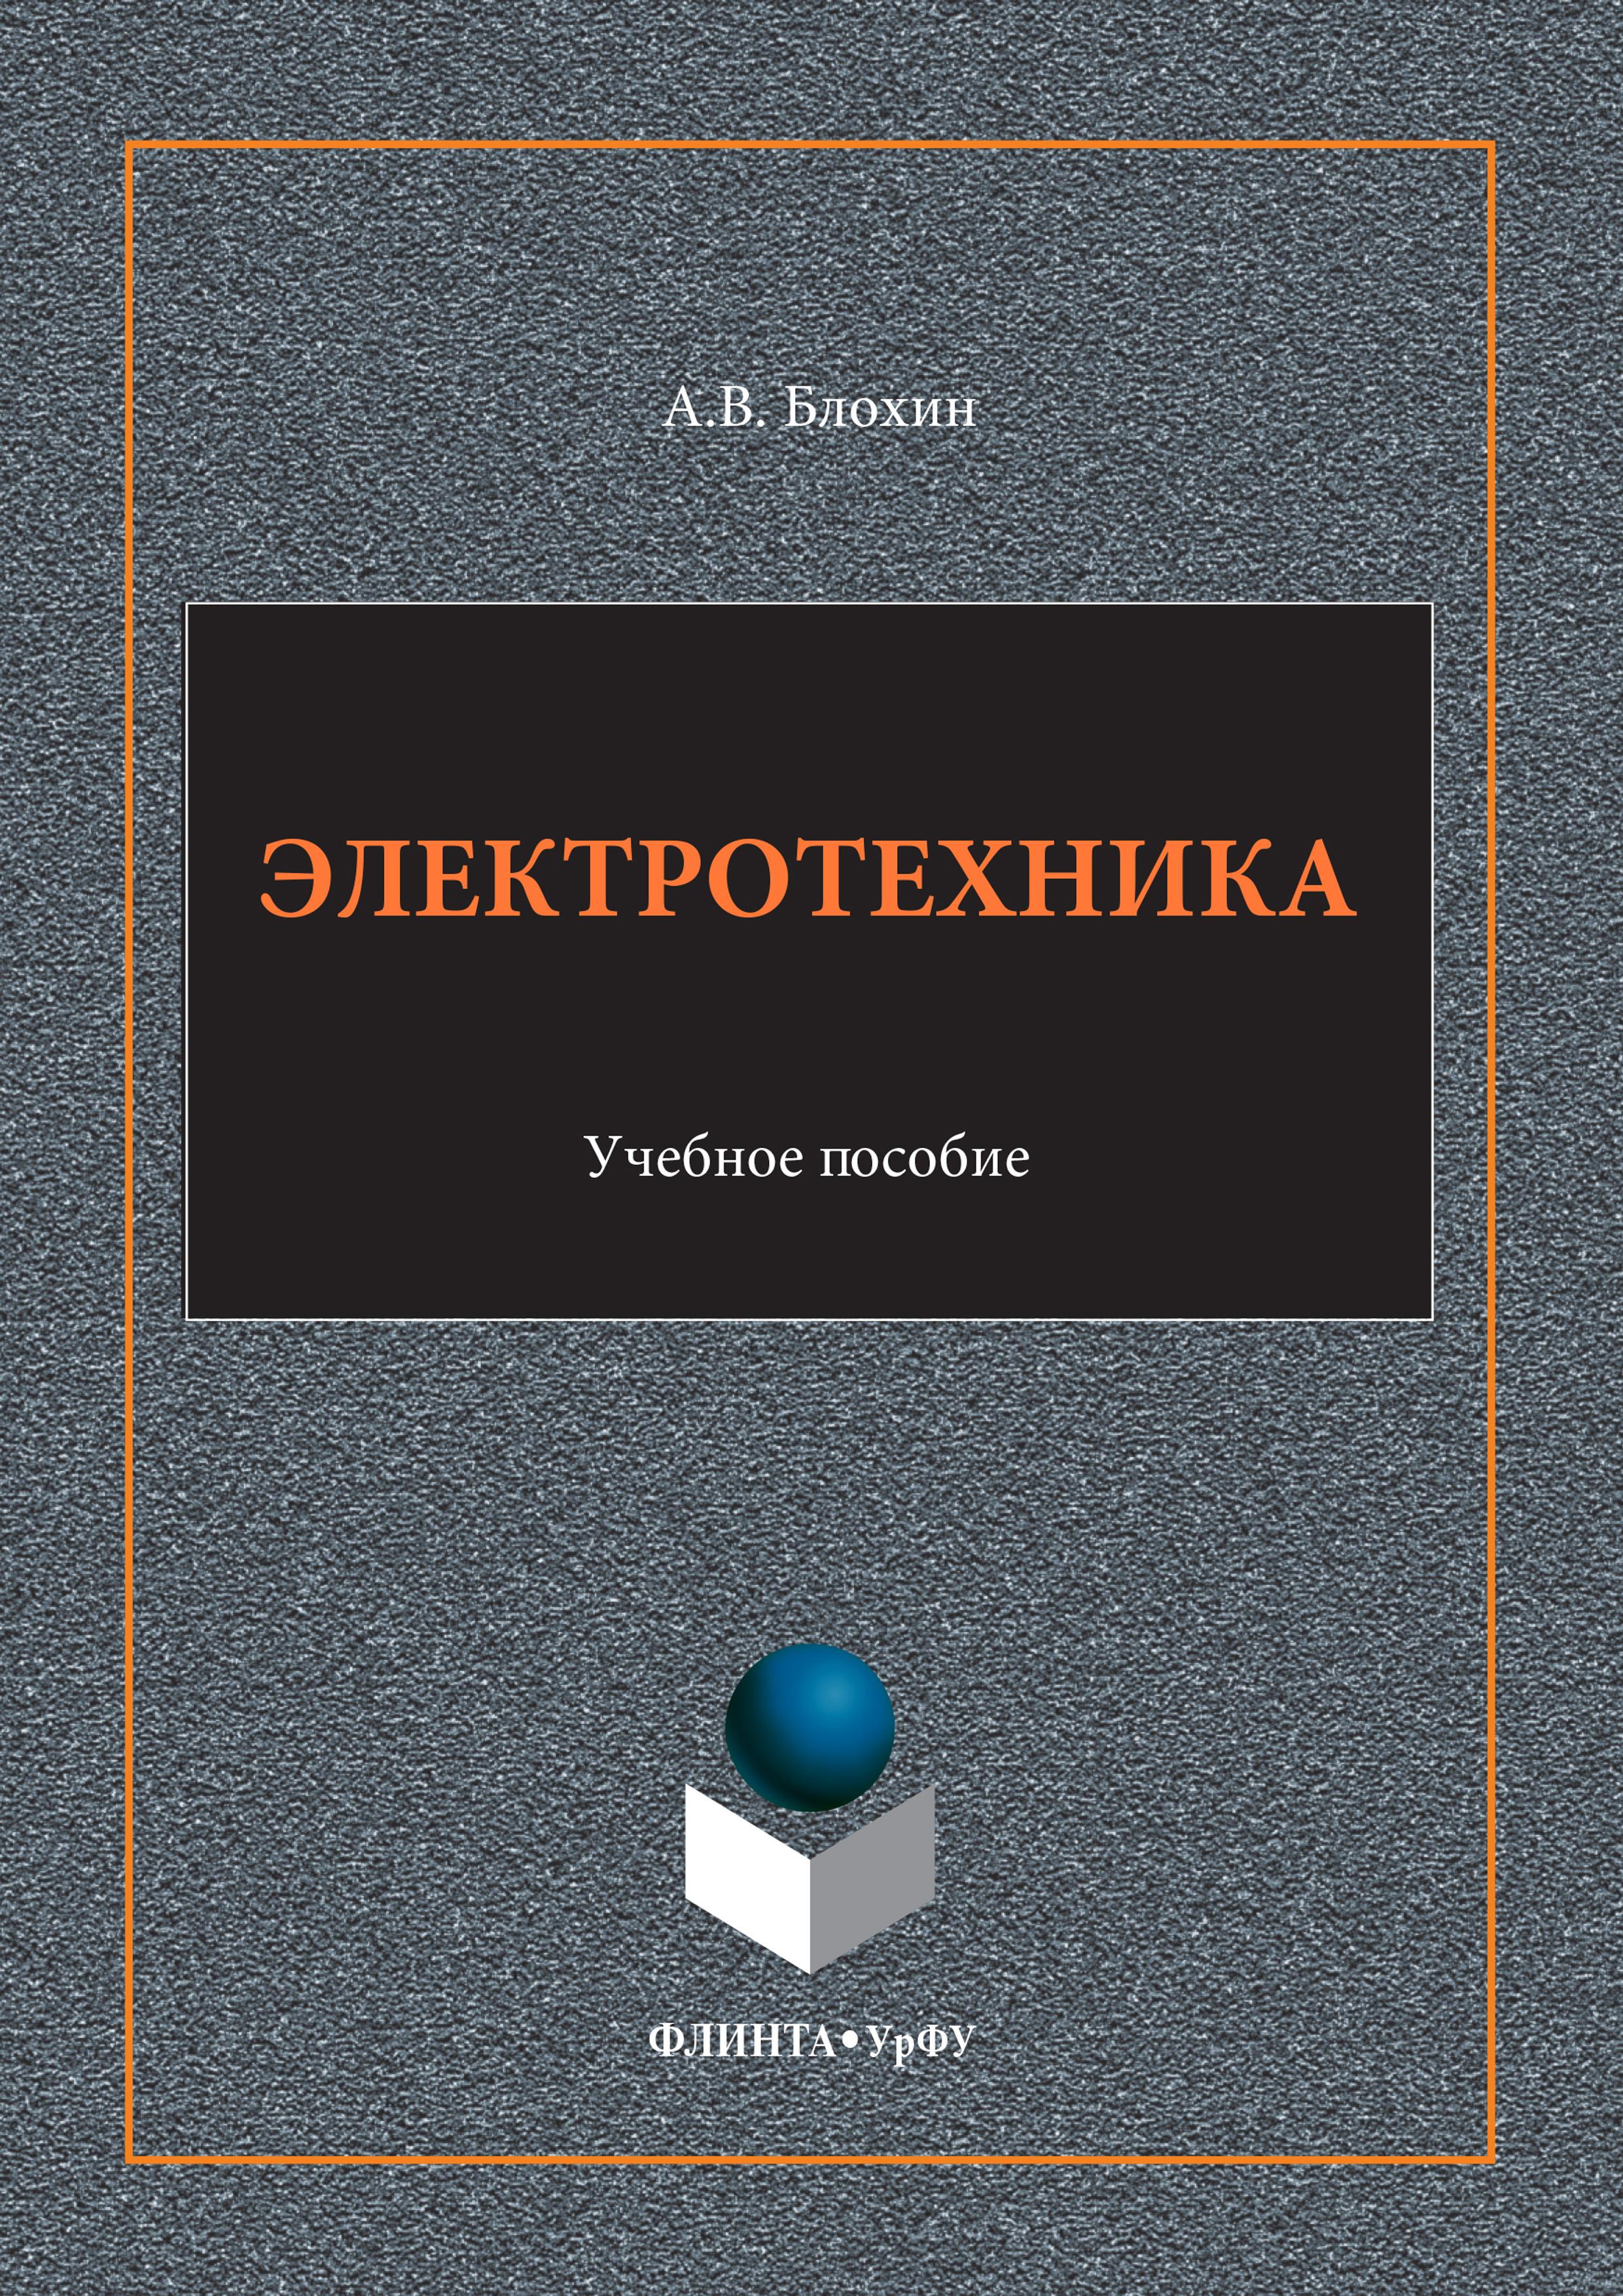 Анатолий Васильевич Блохин Электротехника. Учебное пособие